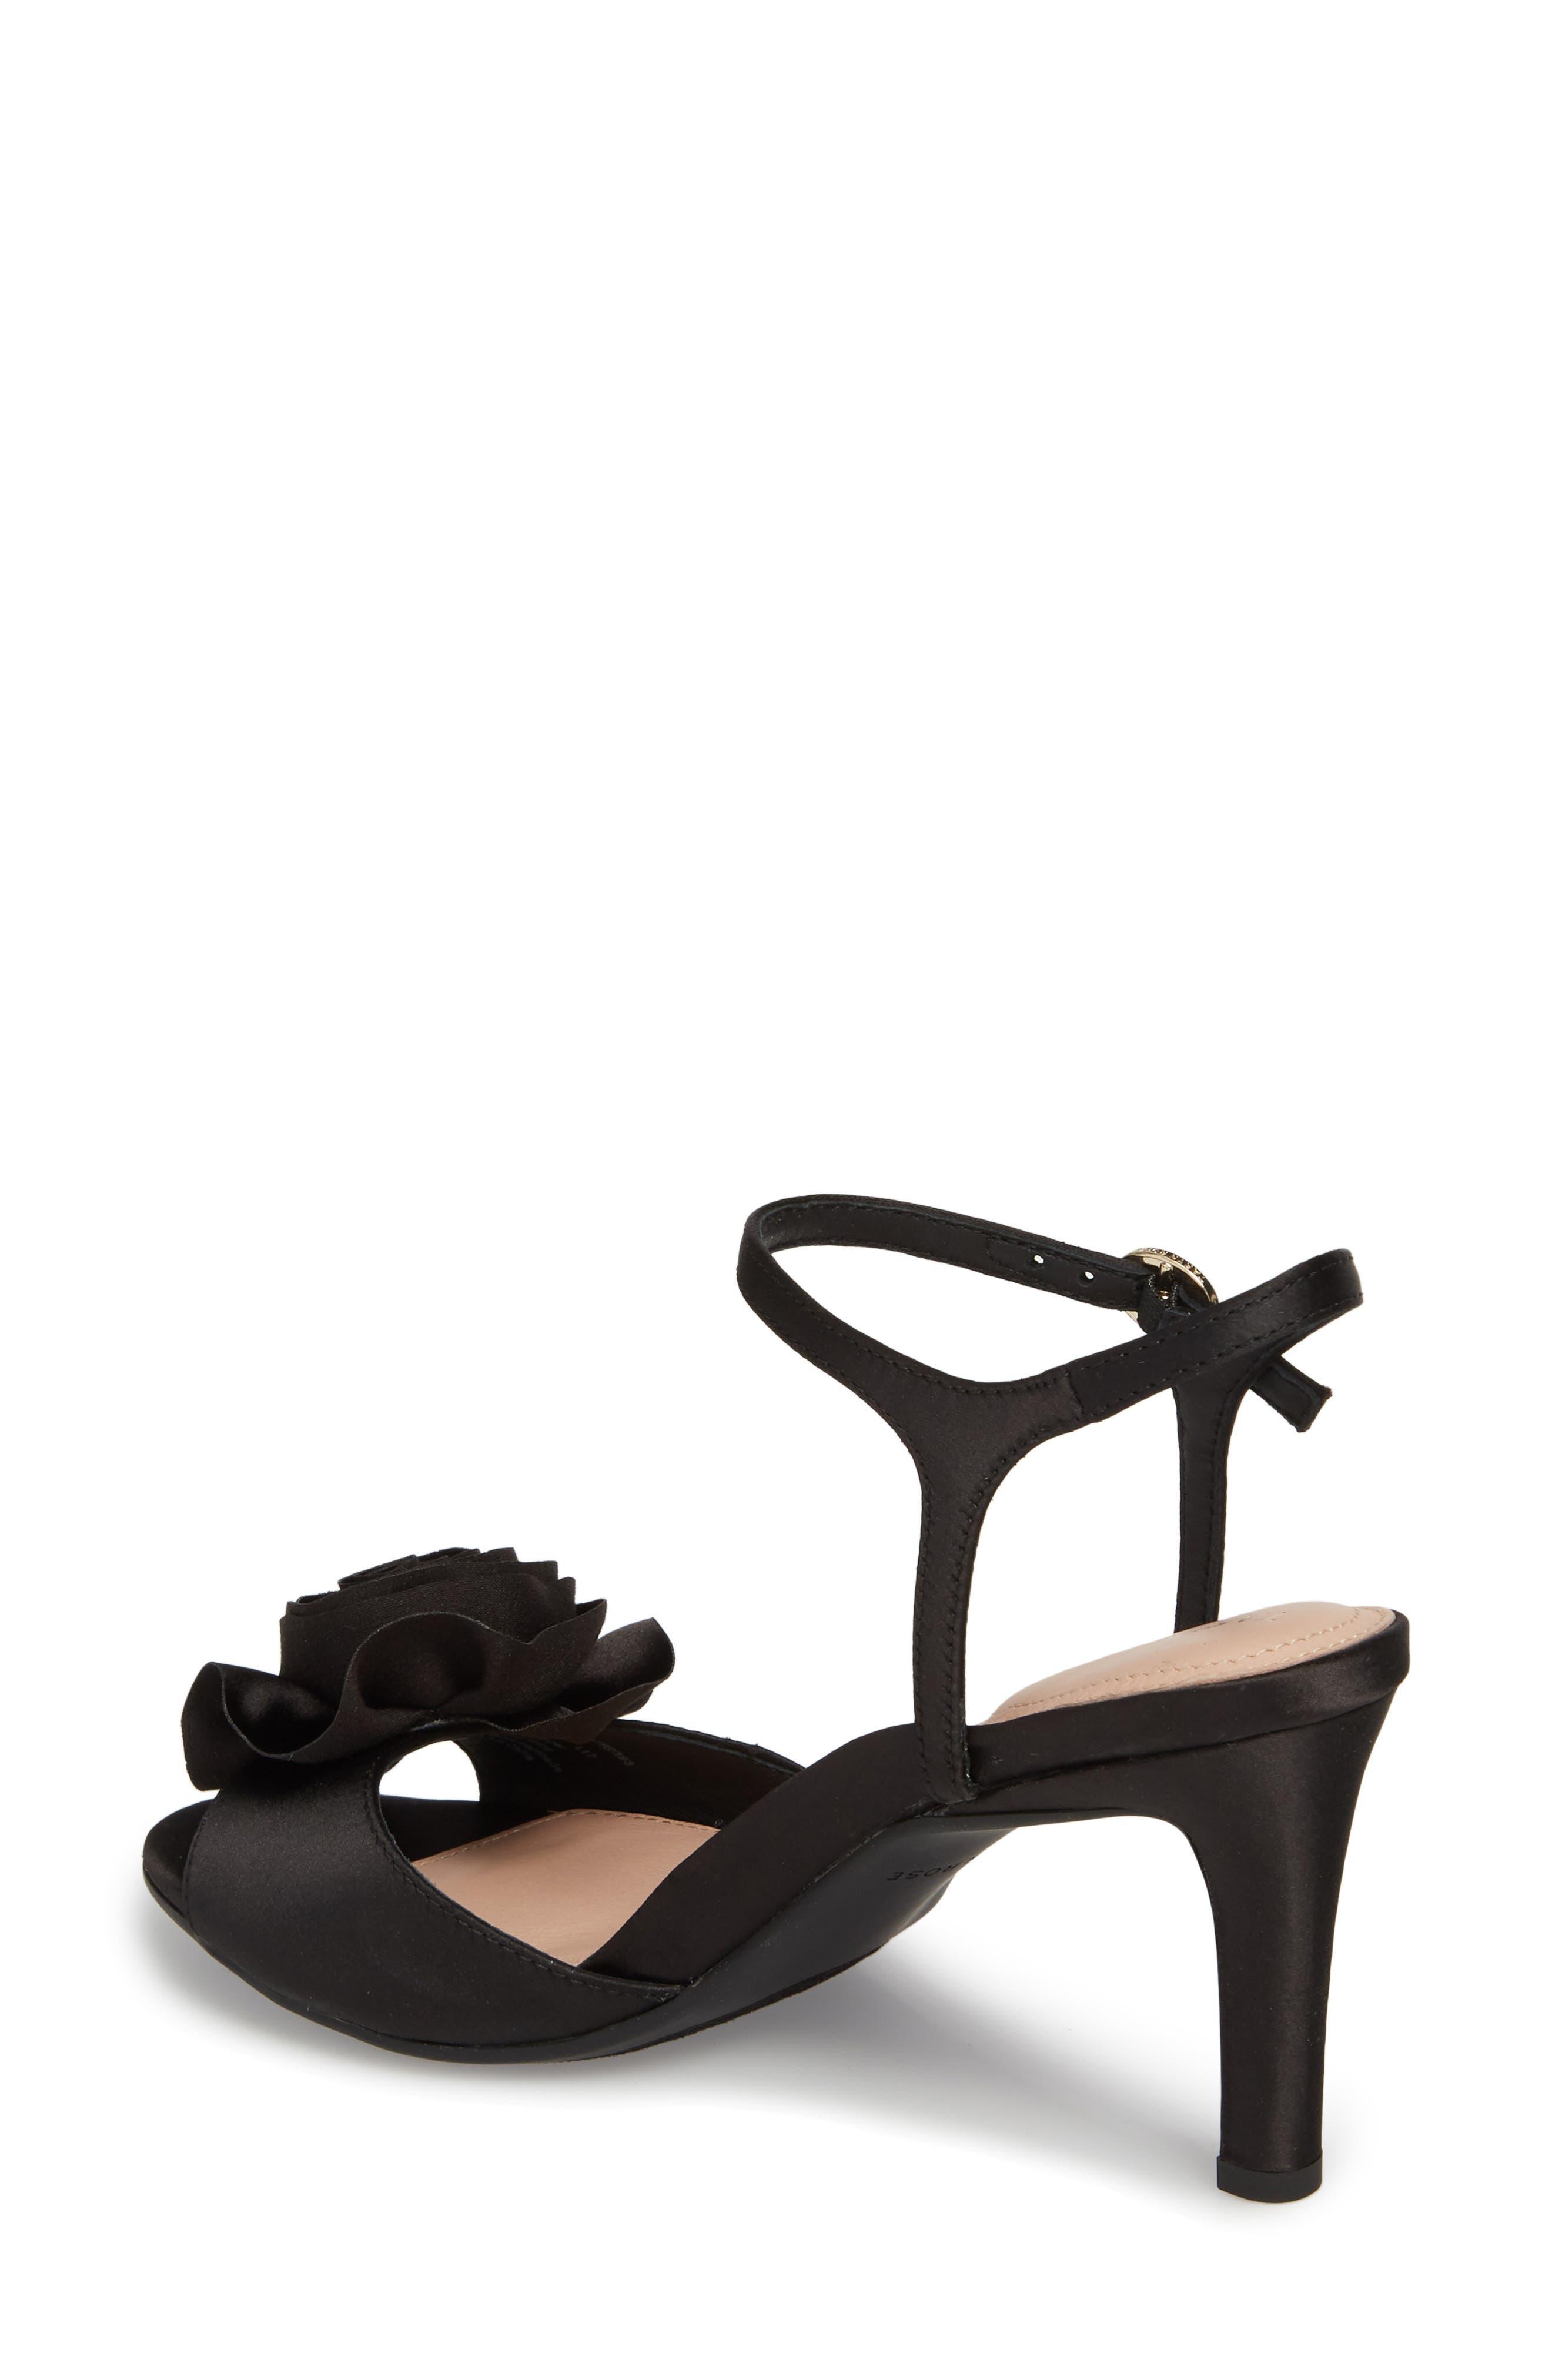 Jacklyn Flower Sandal,                             Alternate thumbnail 2, color,                             BLACK SHIMMER FABRIC